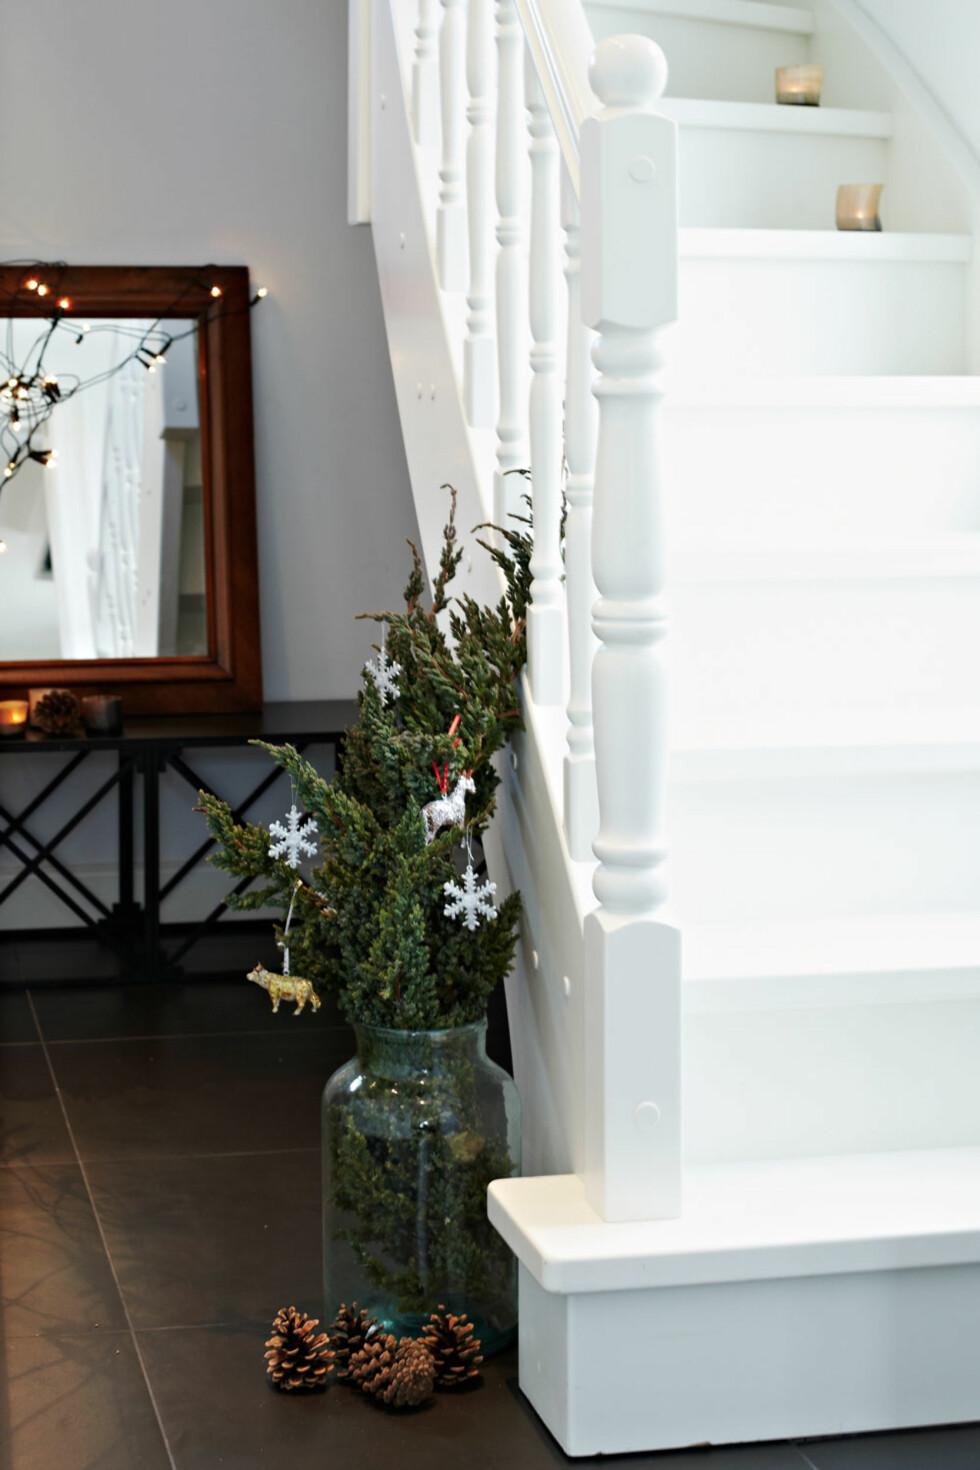 GOD ADVENTSTID: Kongler og grønt finnes overalt ihuset i advents- og juletiden. Foto: Lene Samsø